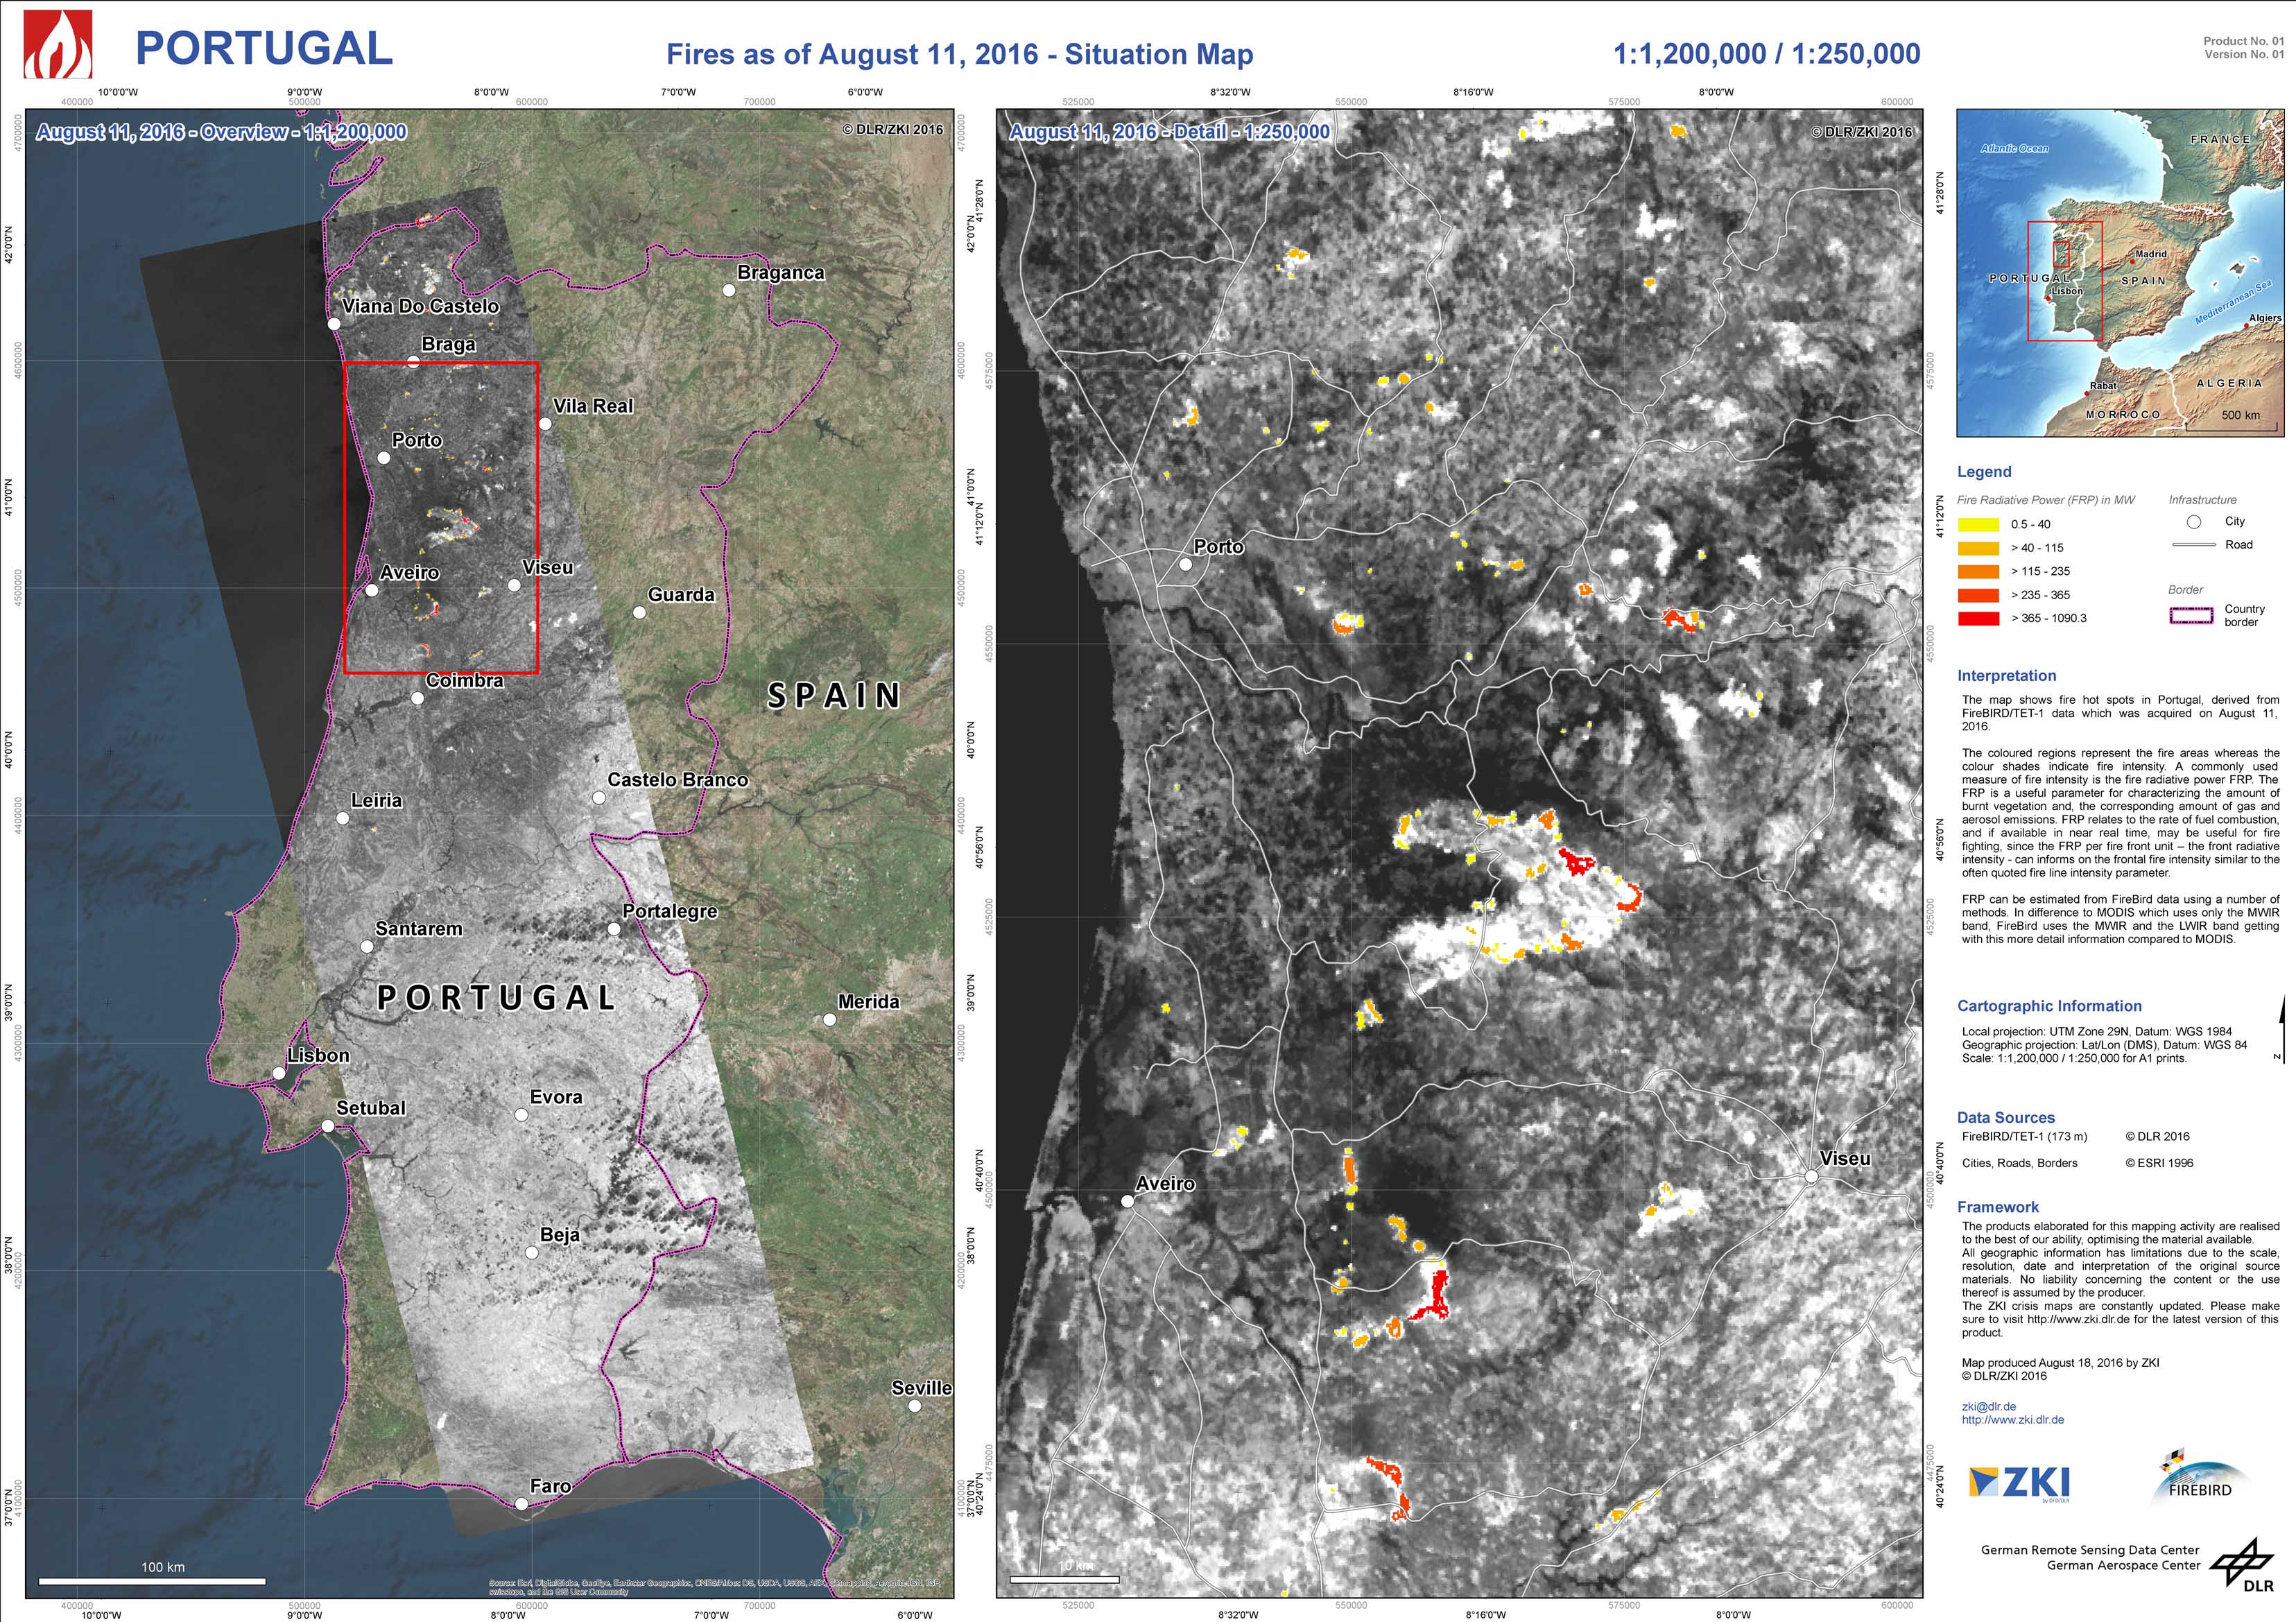 waldbrand portugal karte DLR   Earth Observation Center   Kontakt